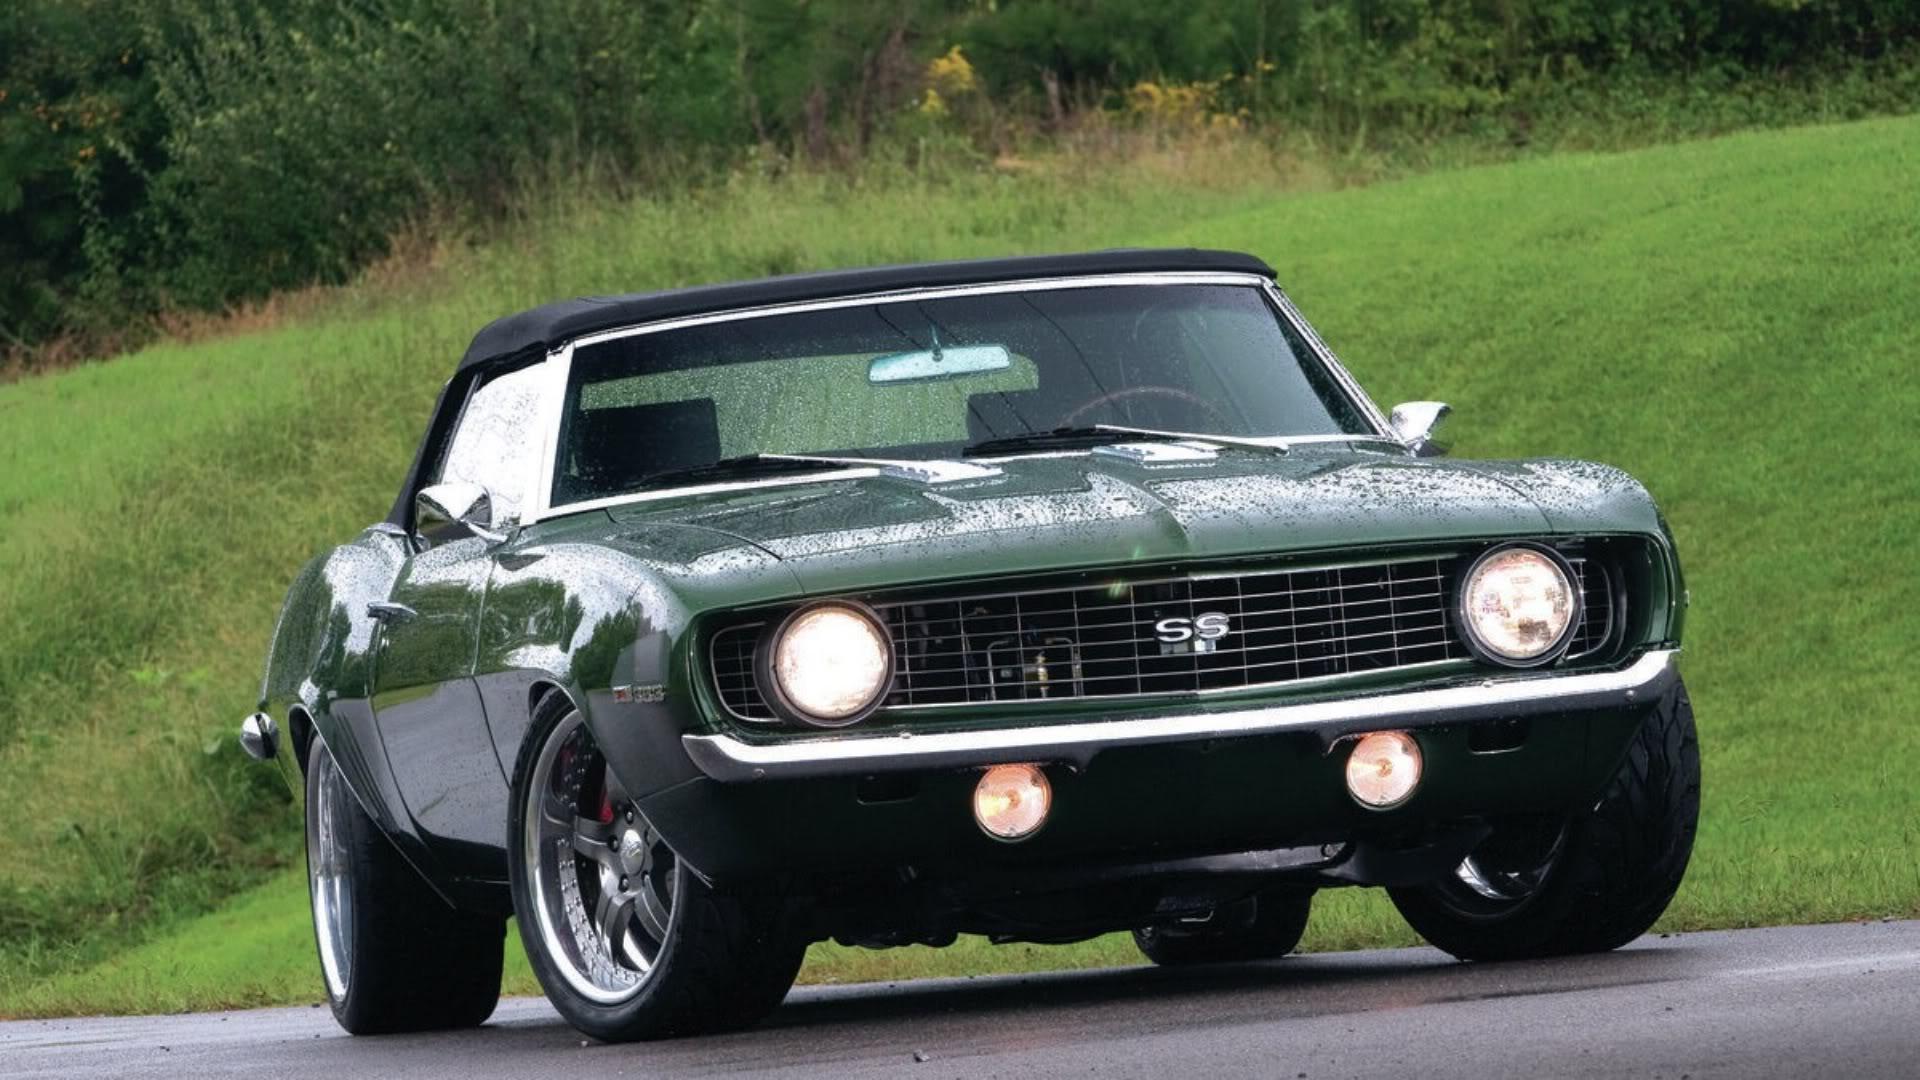 1969 Dark Mag Green Camaro SS Wallpaper